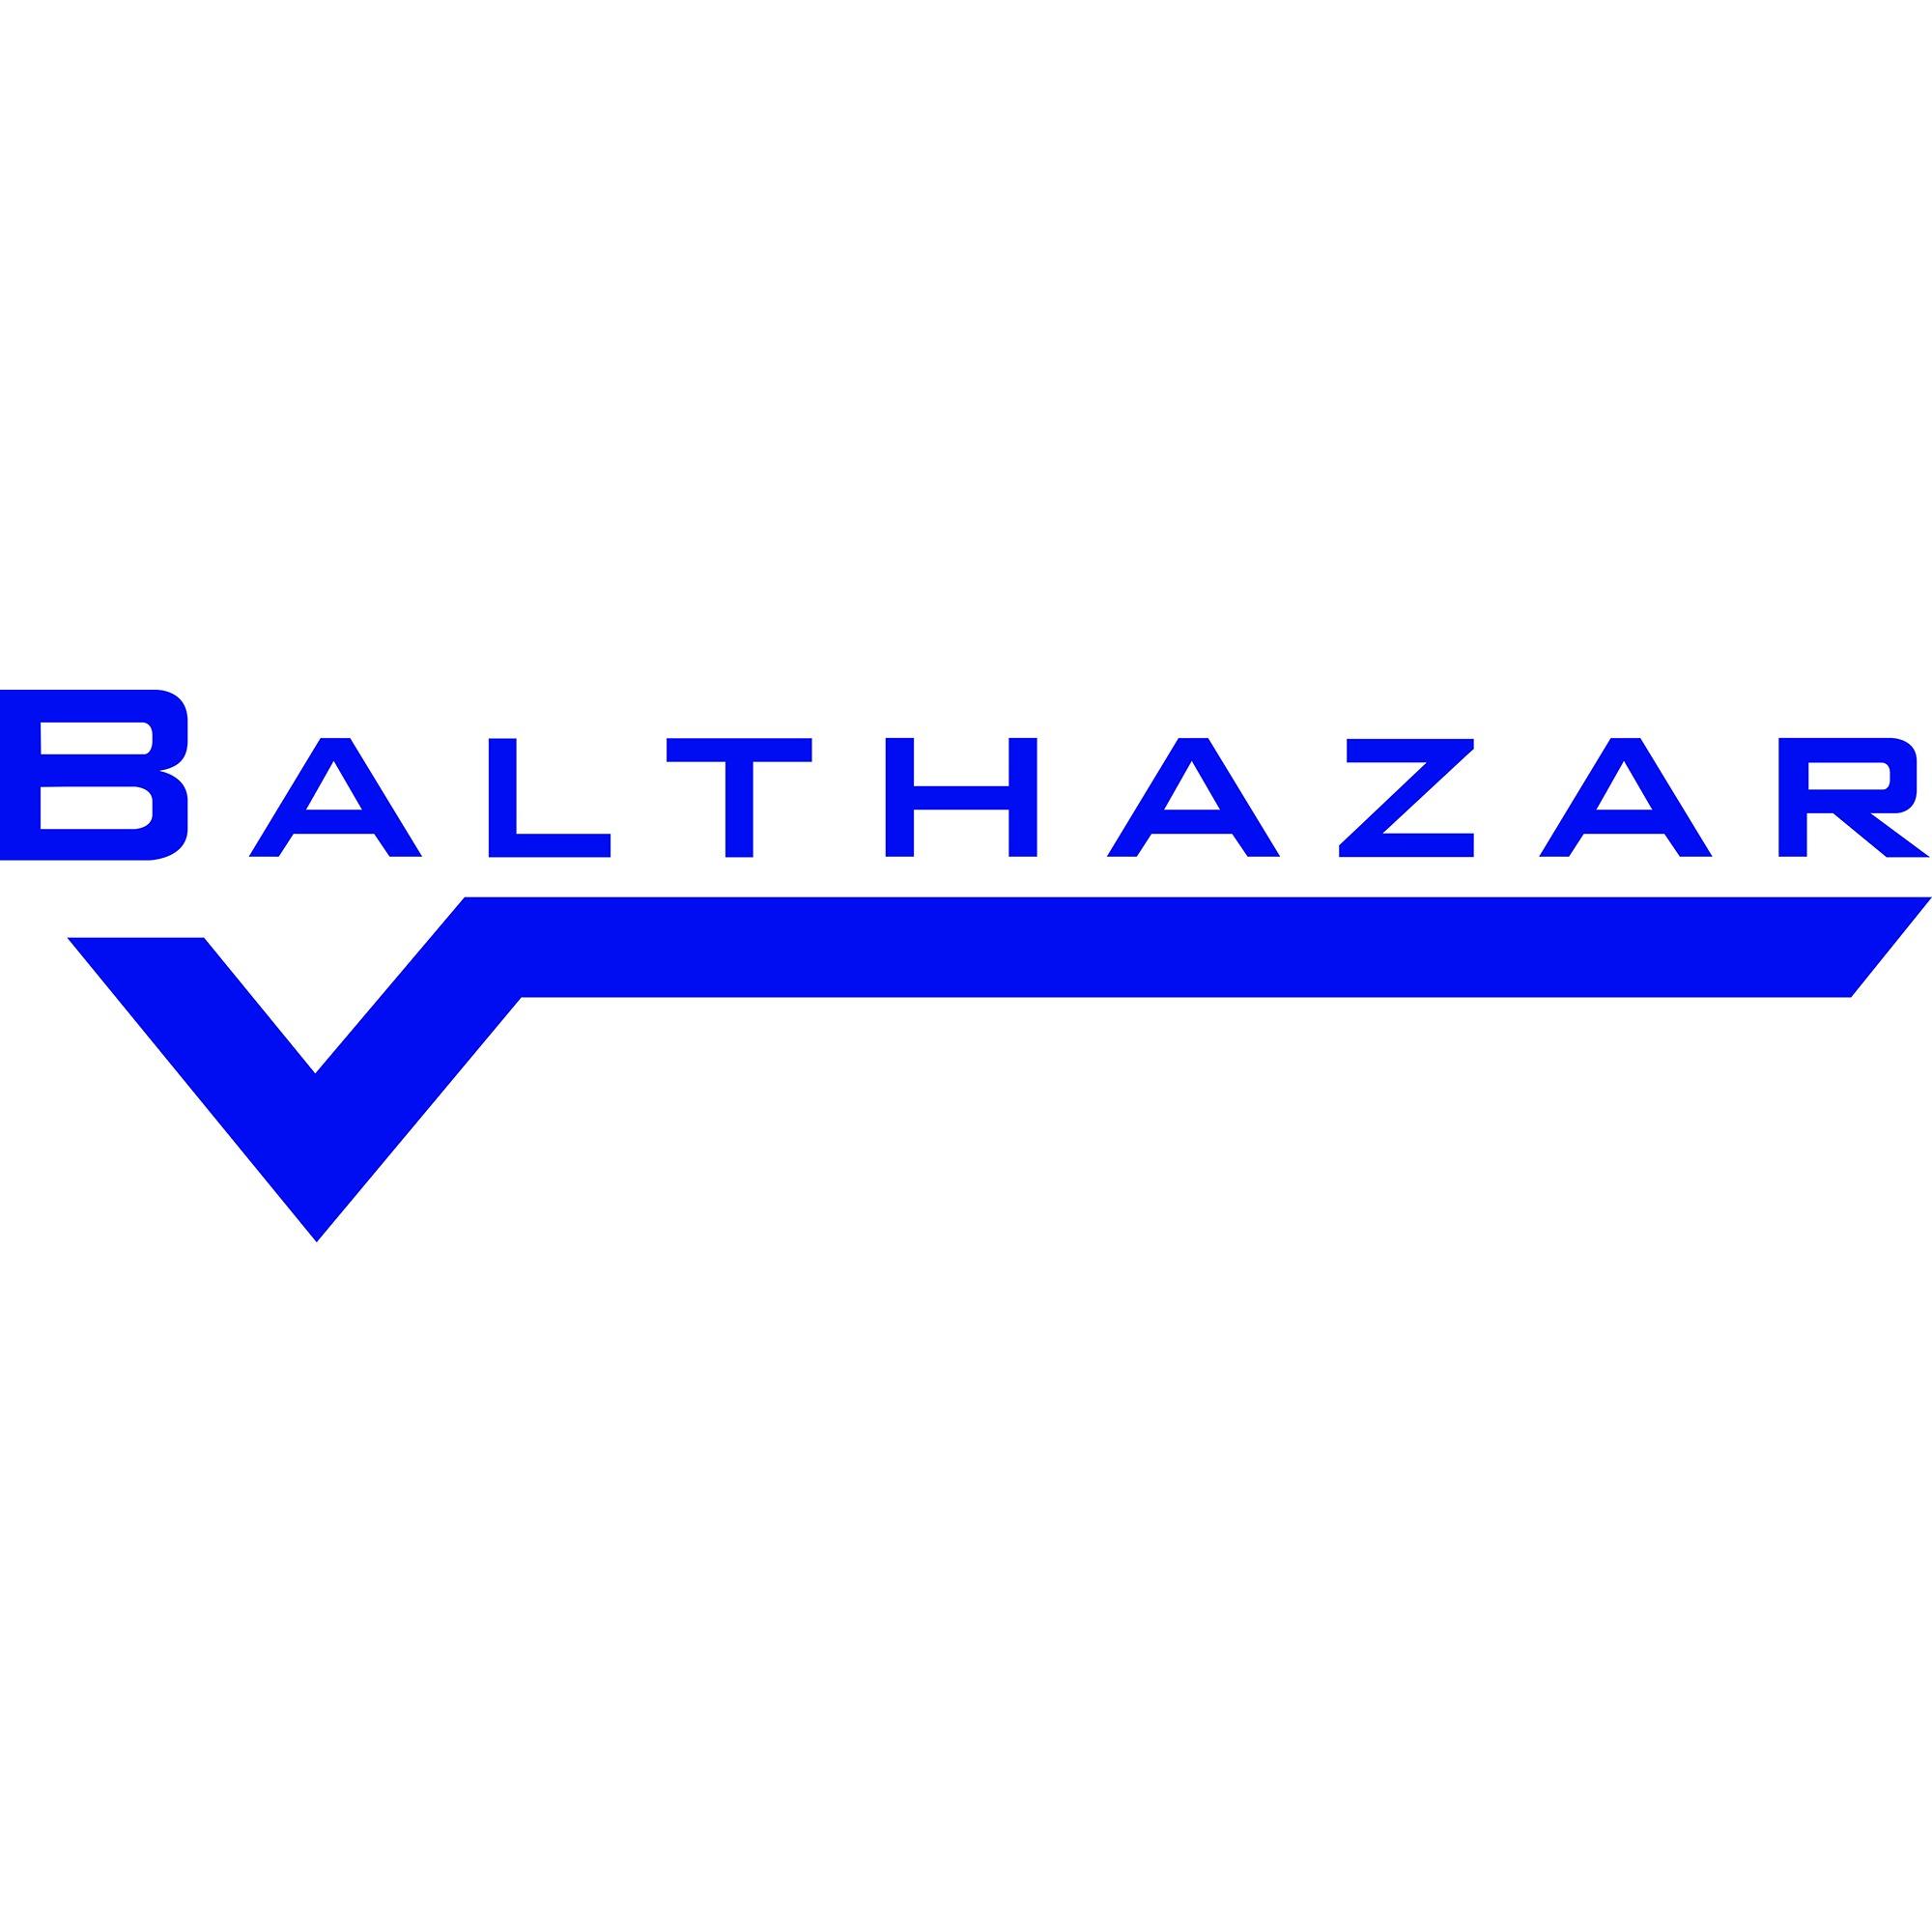 the Balthazar logo.